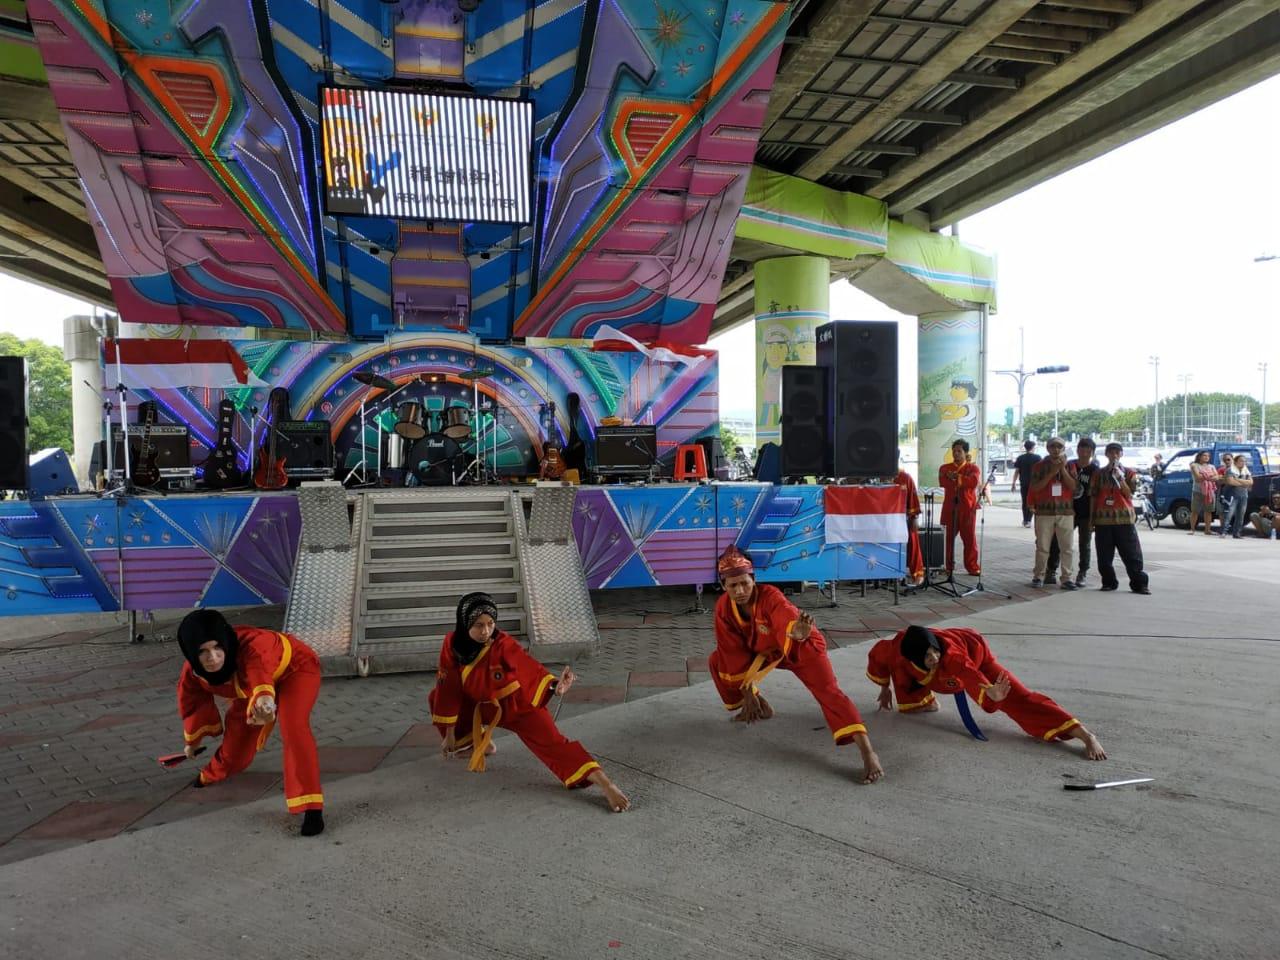 Penampilan para pendekar Tapak Suci Taiwan dalam acara Panggung Hiburan Perayaan Hari Kemerdekaan RI ke-73 yg digelar di Kota Taipei, Taiwan.